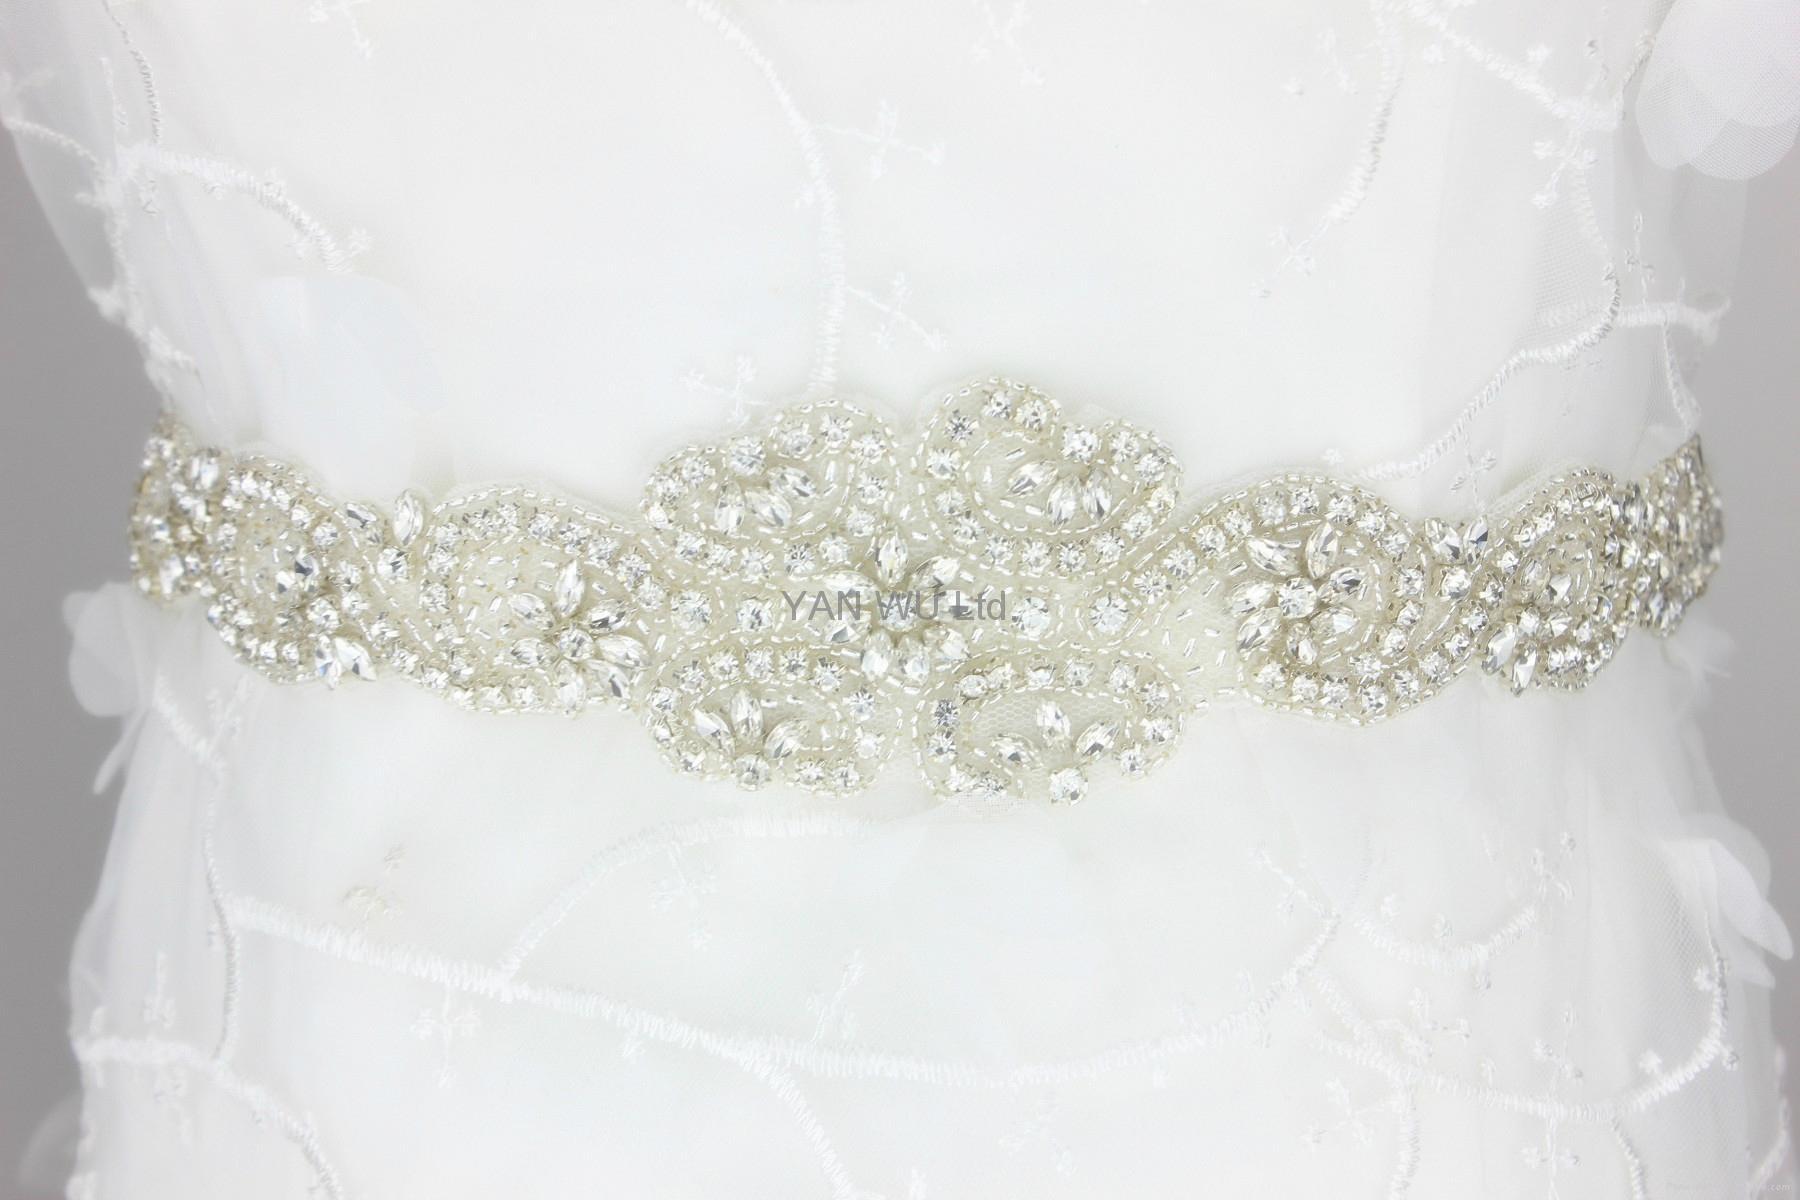 新娘腰帶婚紗配飾婚禮鑽石首飾 5